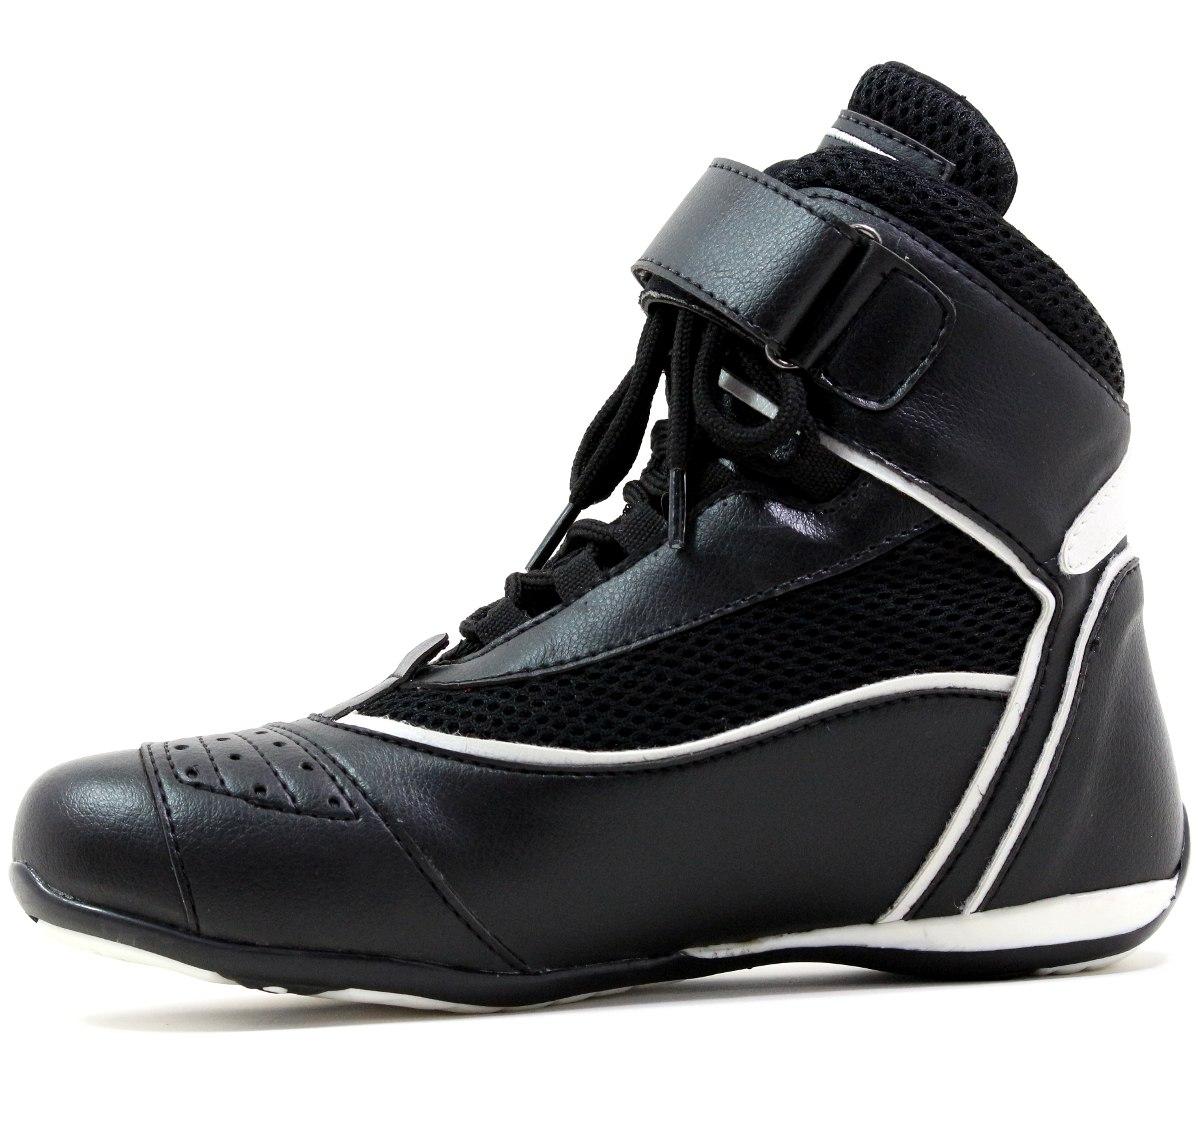 082ae1b483 bota de treino tenis feminino academia dança bike caminhada. Carregando  zoom.